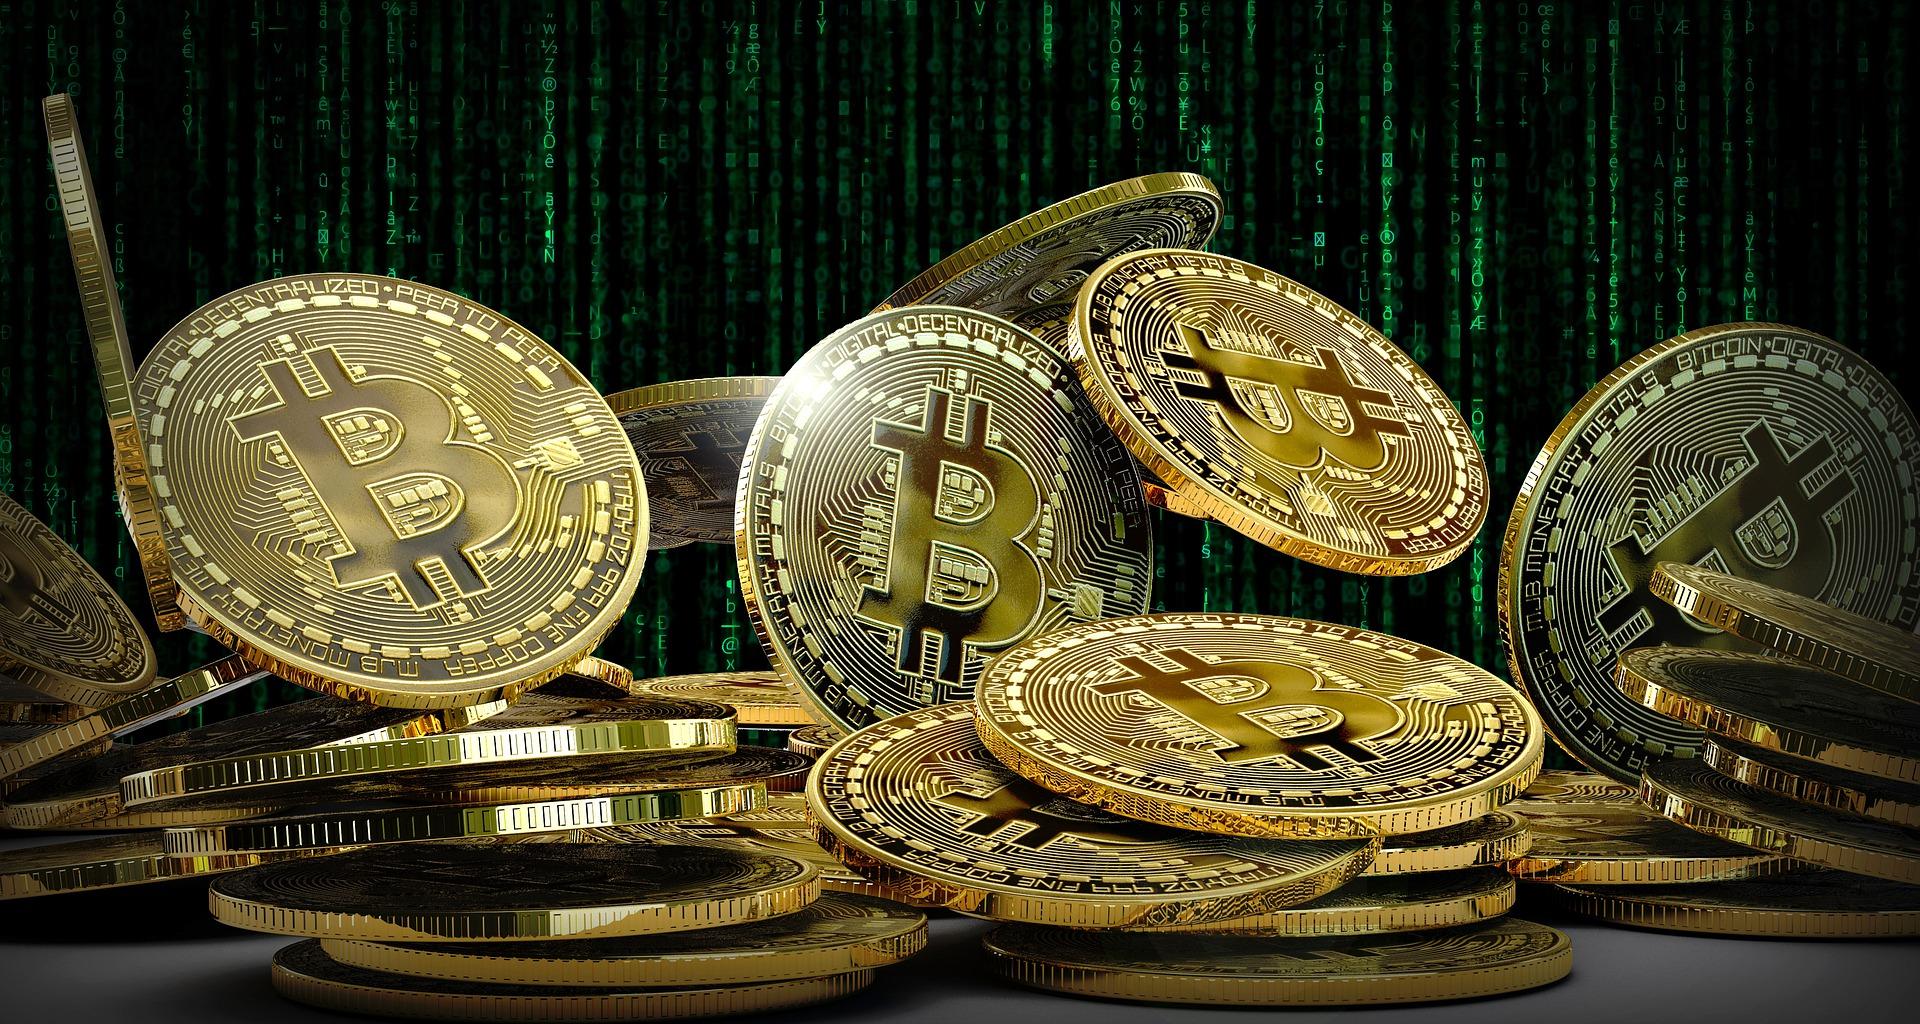 Cryptocurrency's: ook voor retailers een ideale betaalmogelijkheid